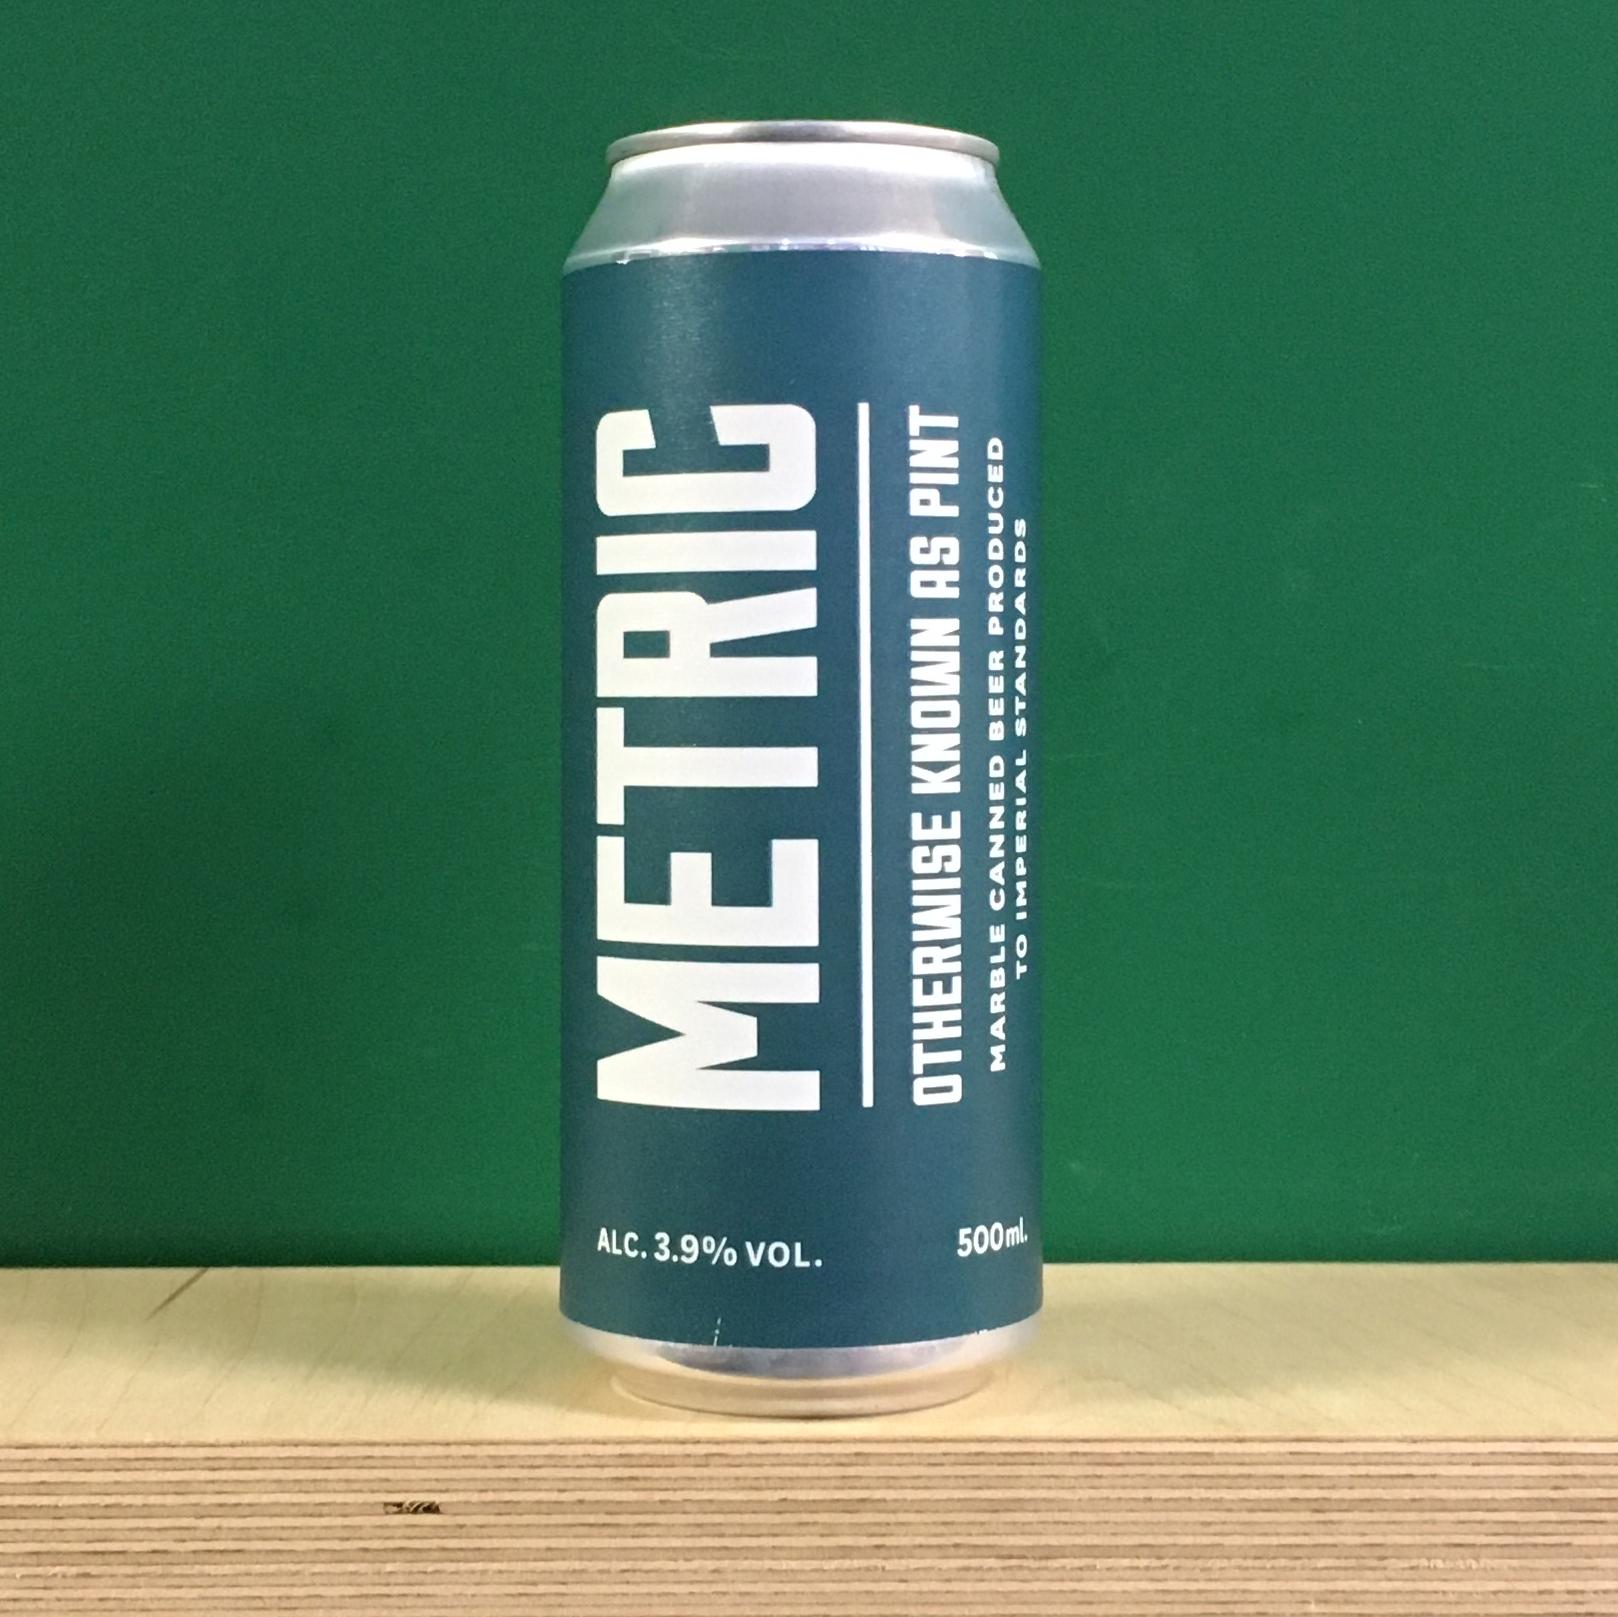 Marble Metric